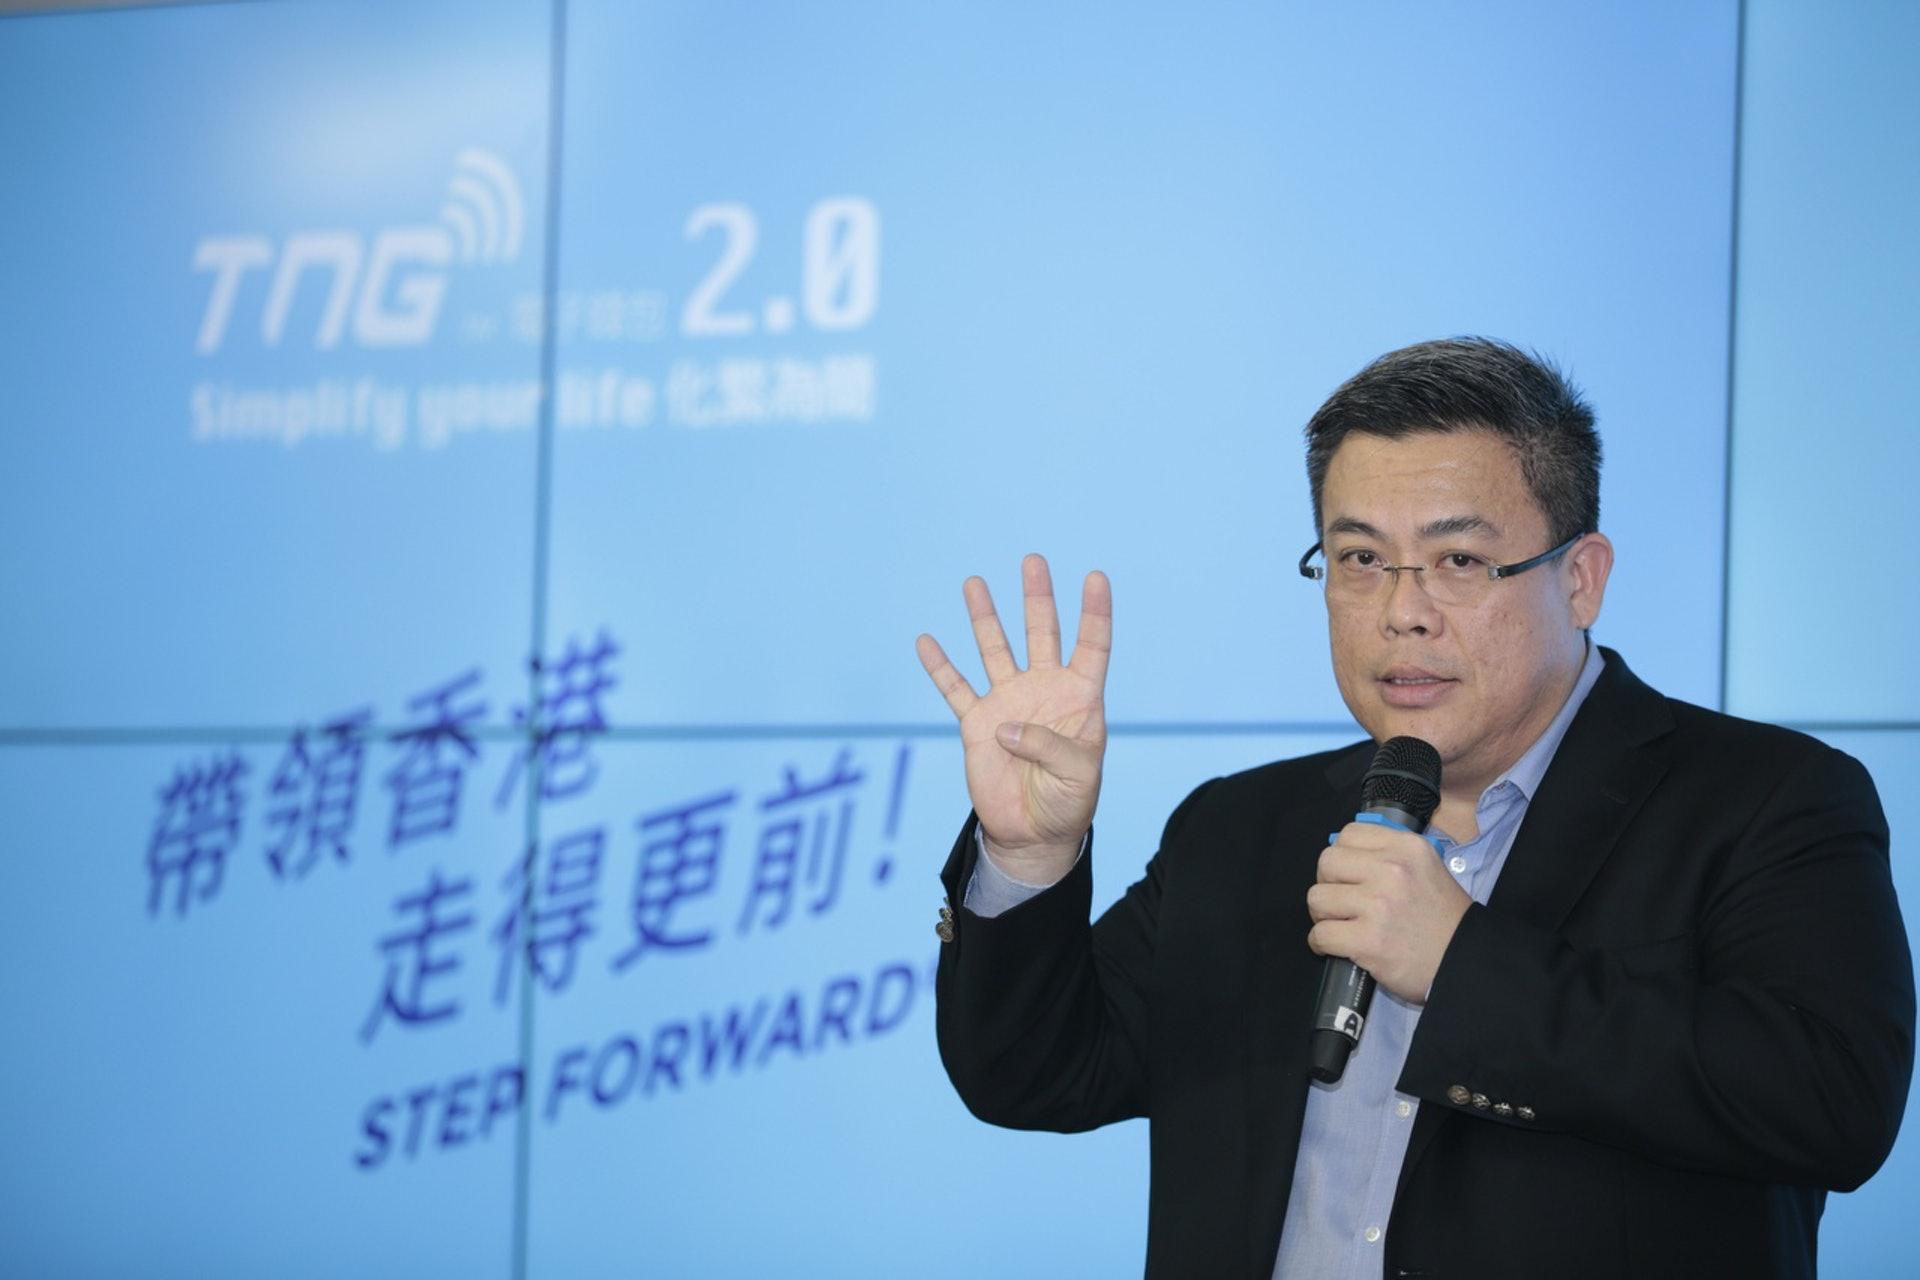 江慶恩指,在iPhone推出第一代的時候,已計劃推出一個自家營運的電子支付平台。(鍾偉德攝)